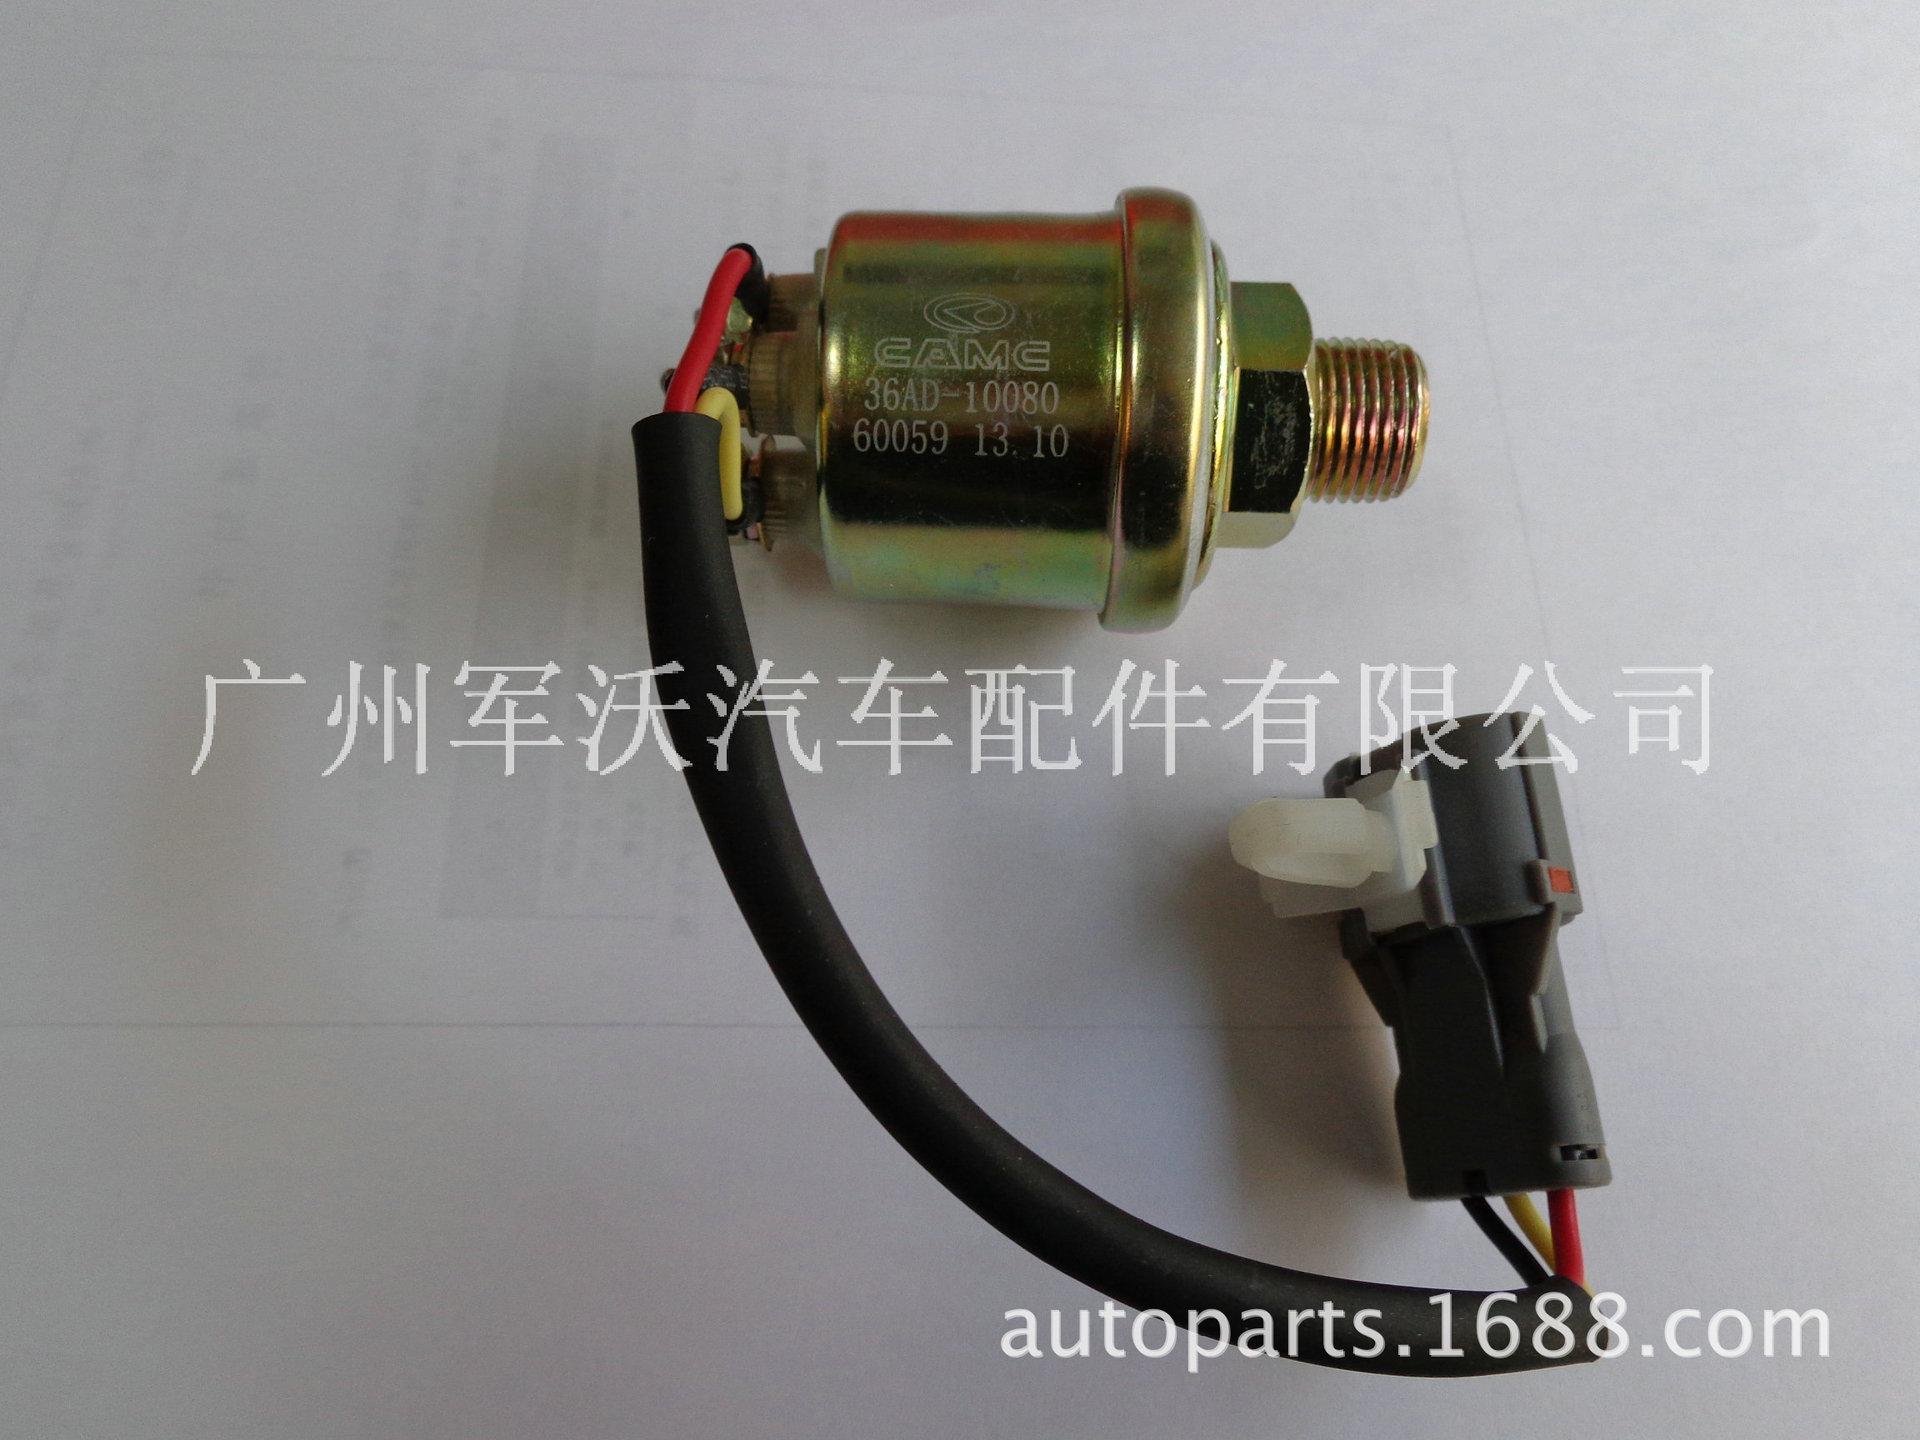 CAMC华菱重卡汽车配件华菱气压传感器36AD 10080高清图片